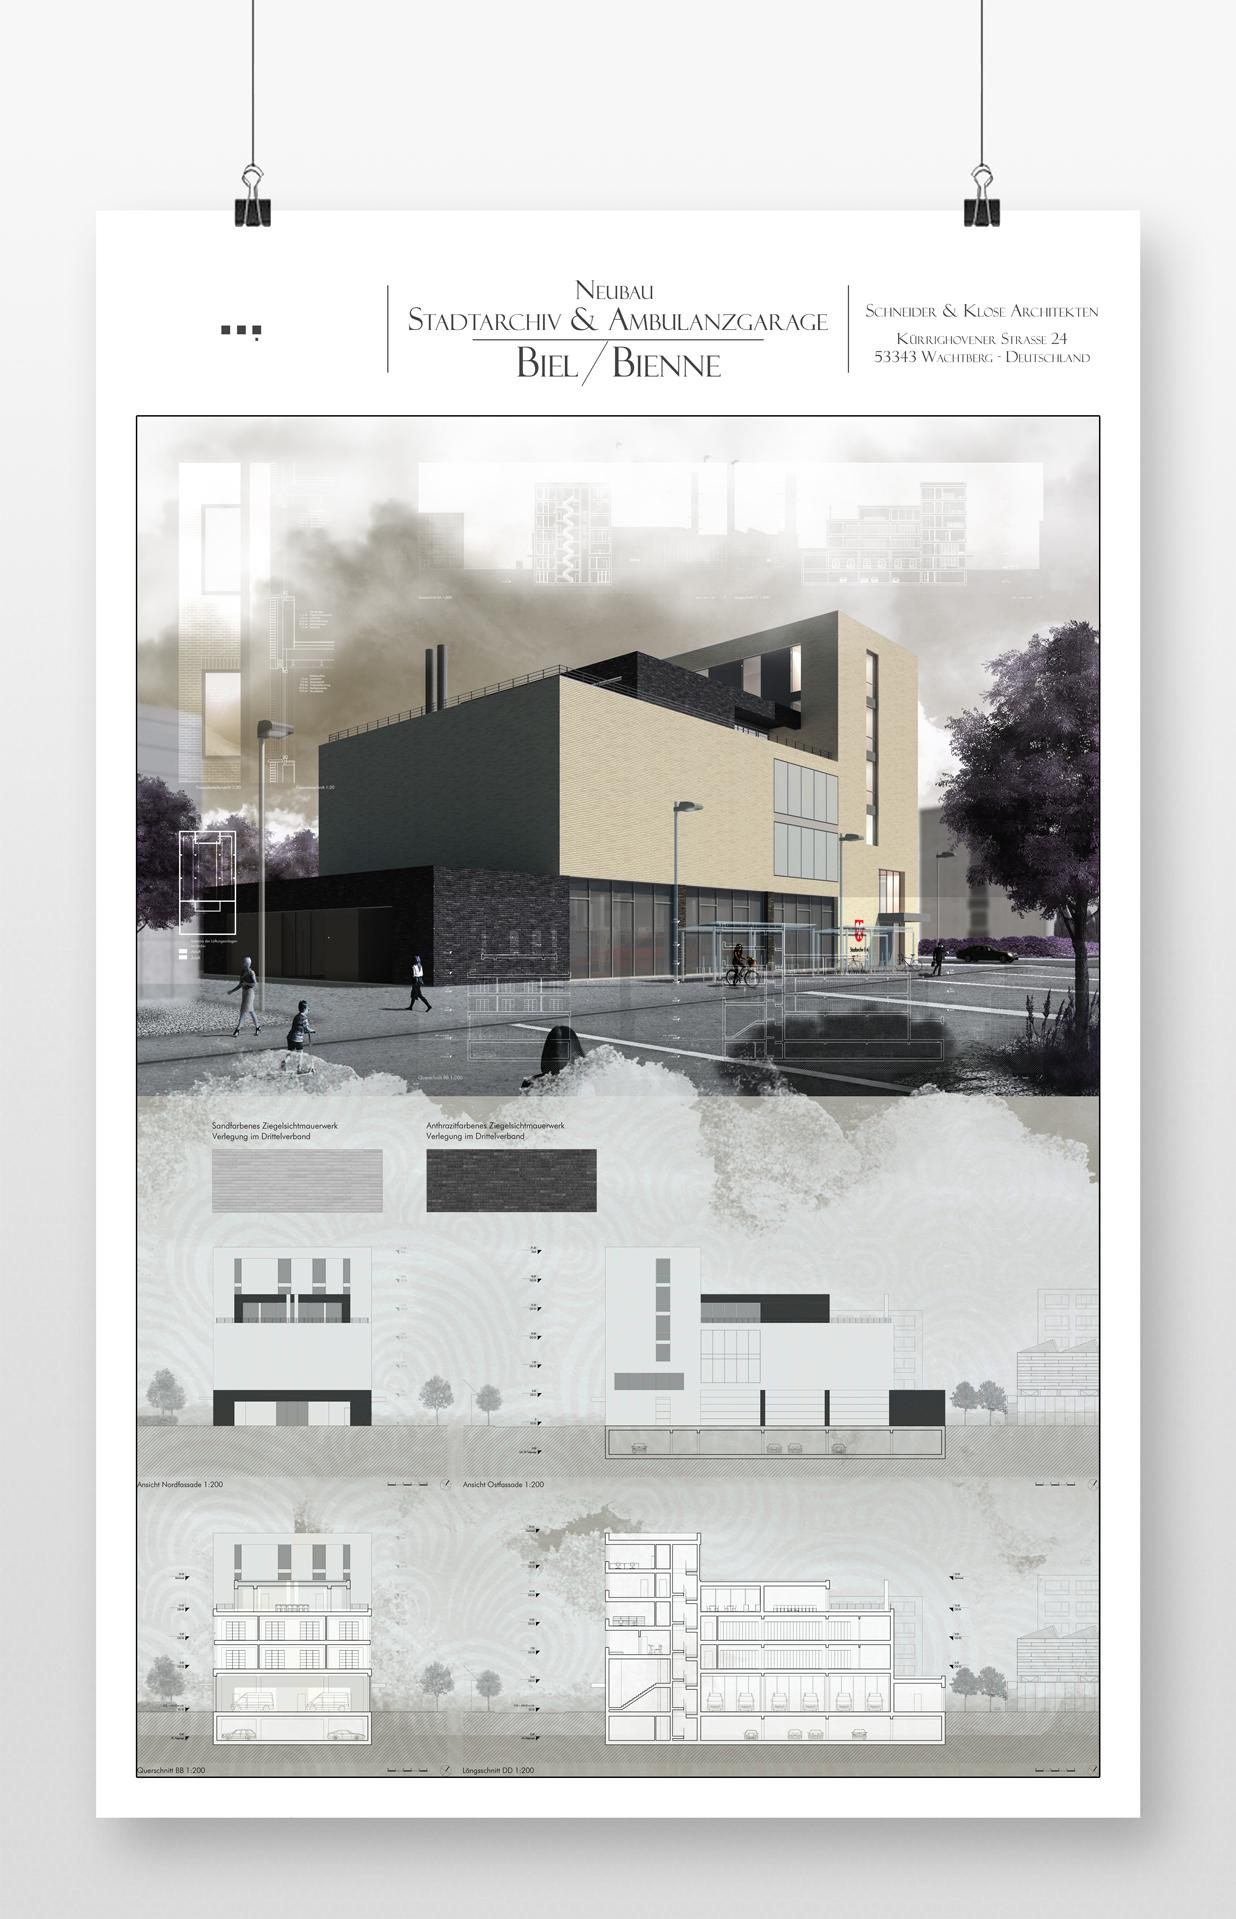 Architektur Zeichnung architektur wettbewerb architektur und 3d visualisierung der